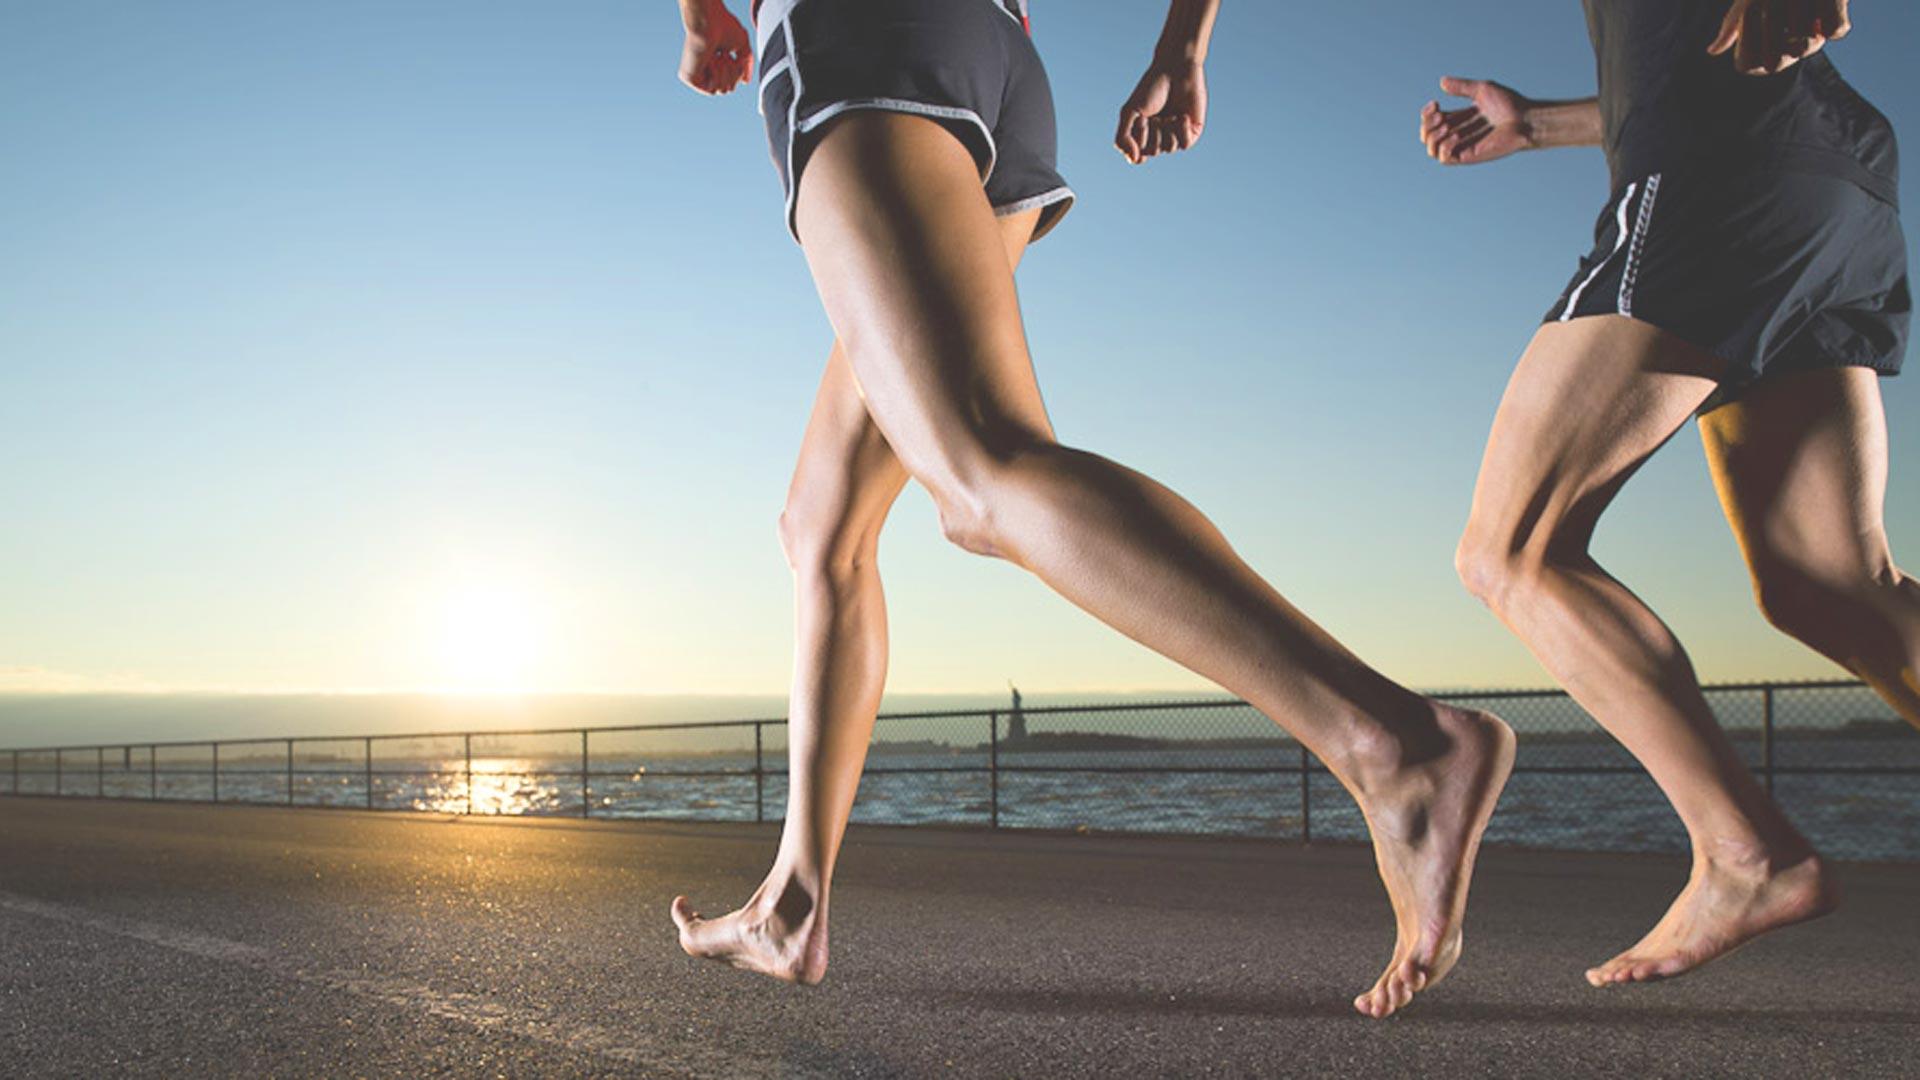 barefoot-running-dare-to-go-bare.jpg